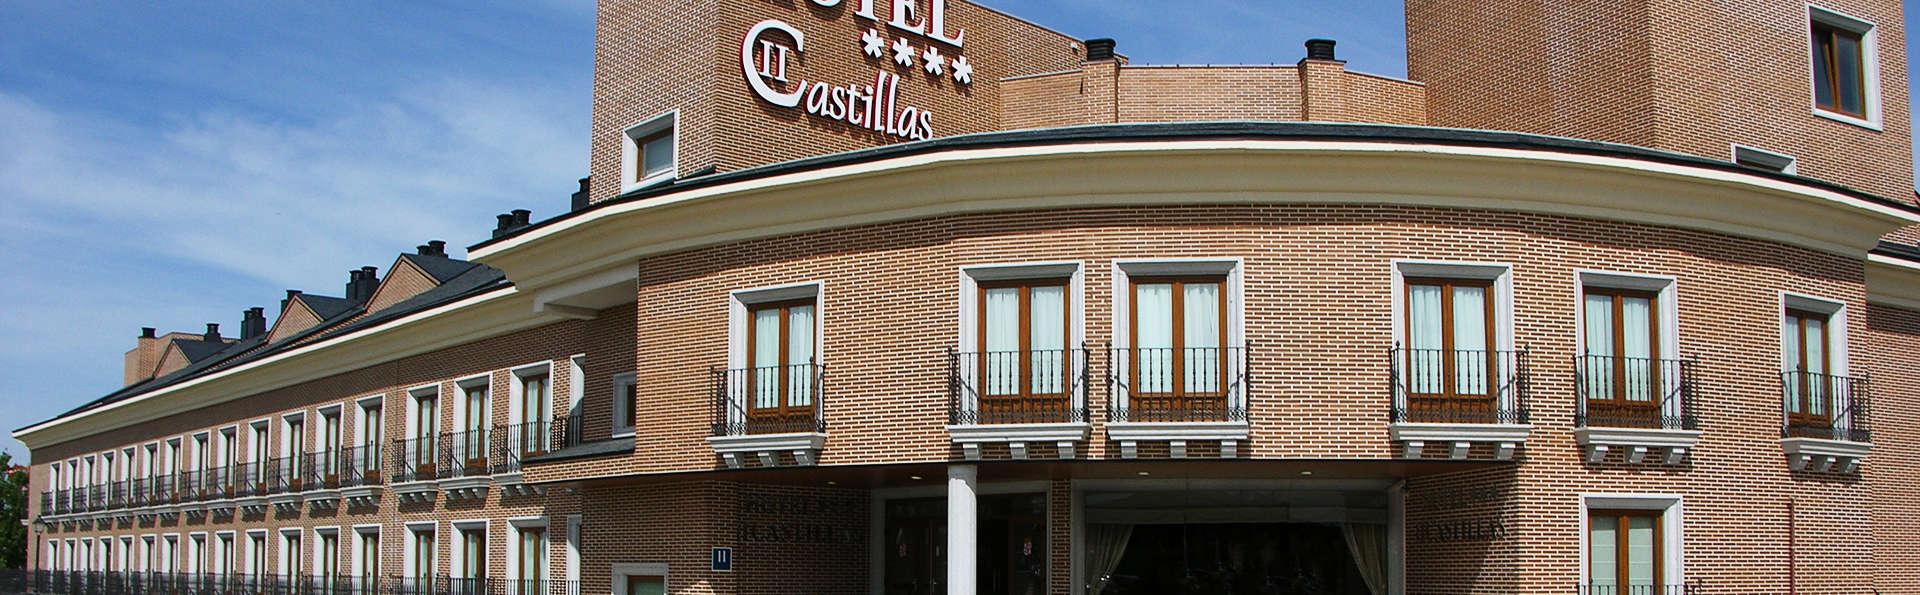 Hotel II Castillas Ávila - EDIT_front.jpg